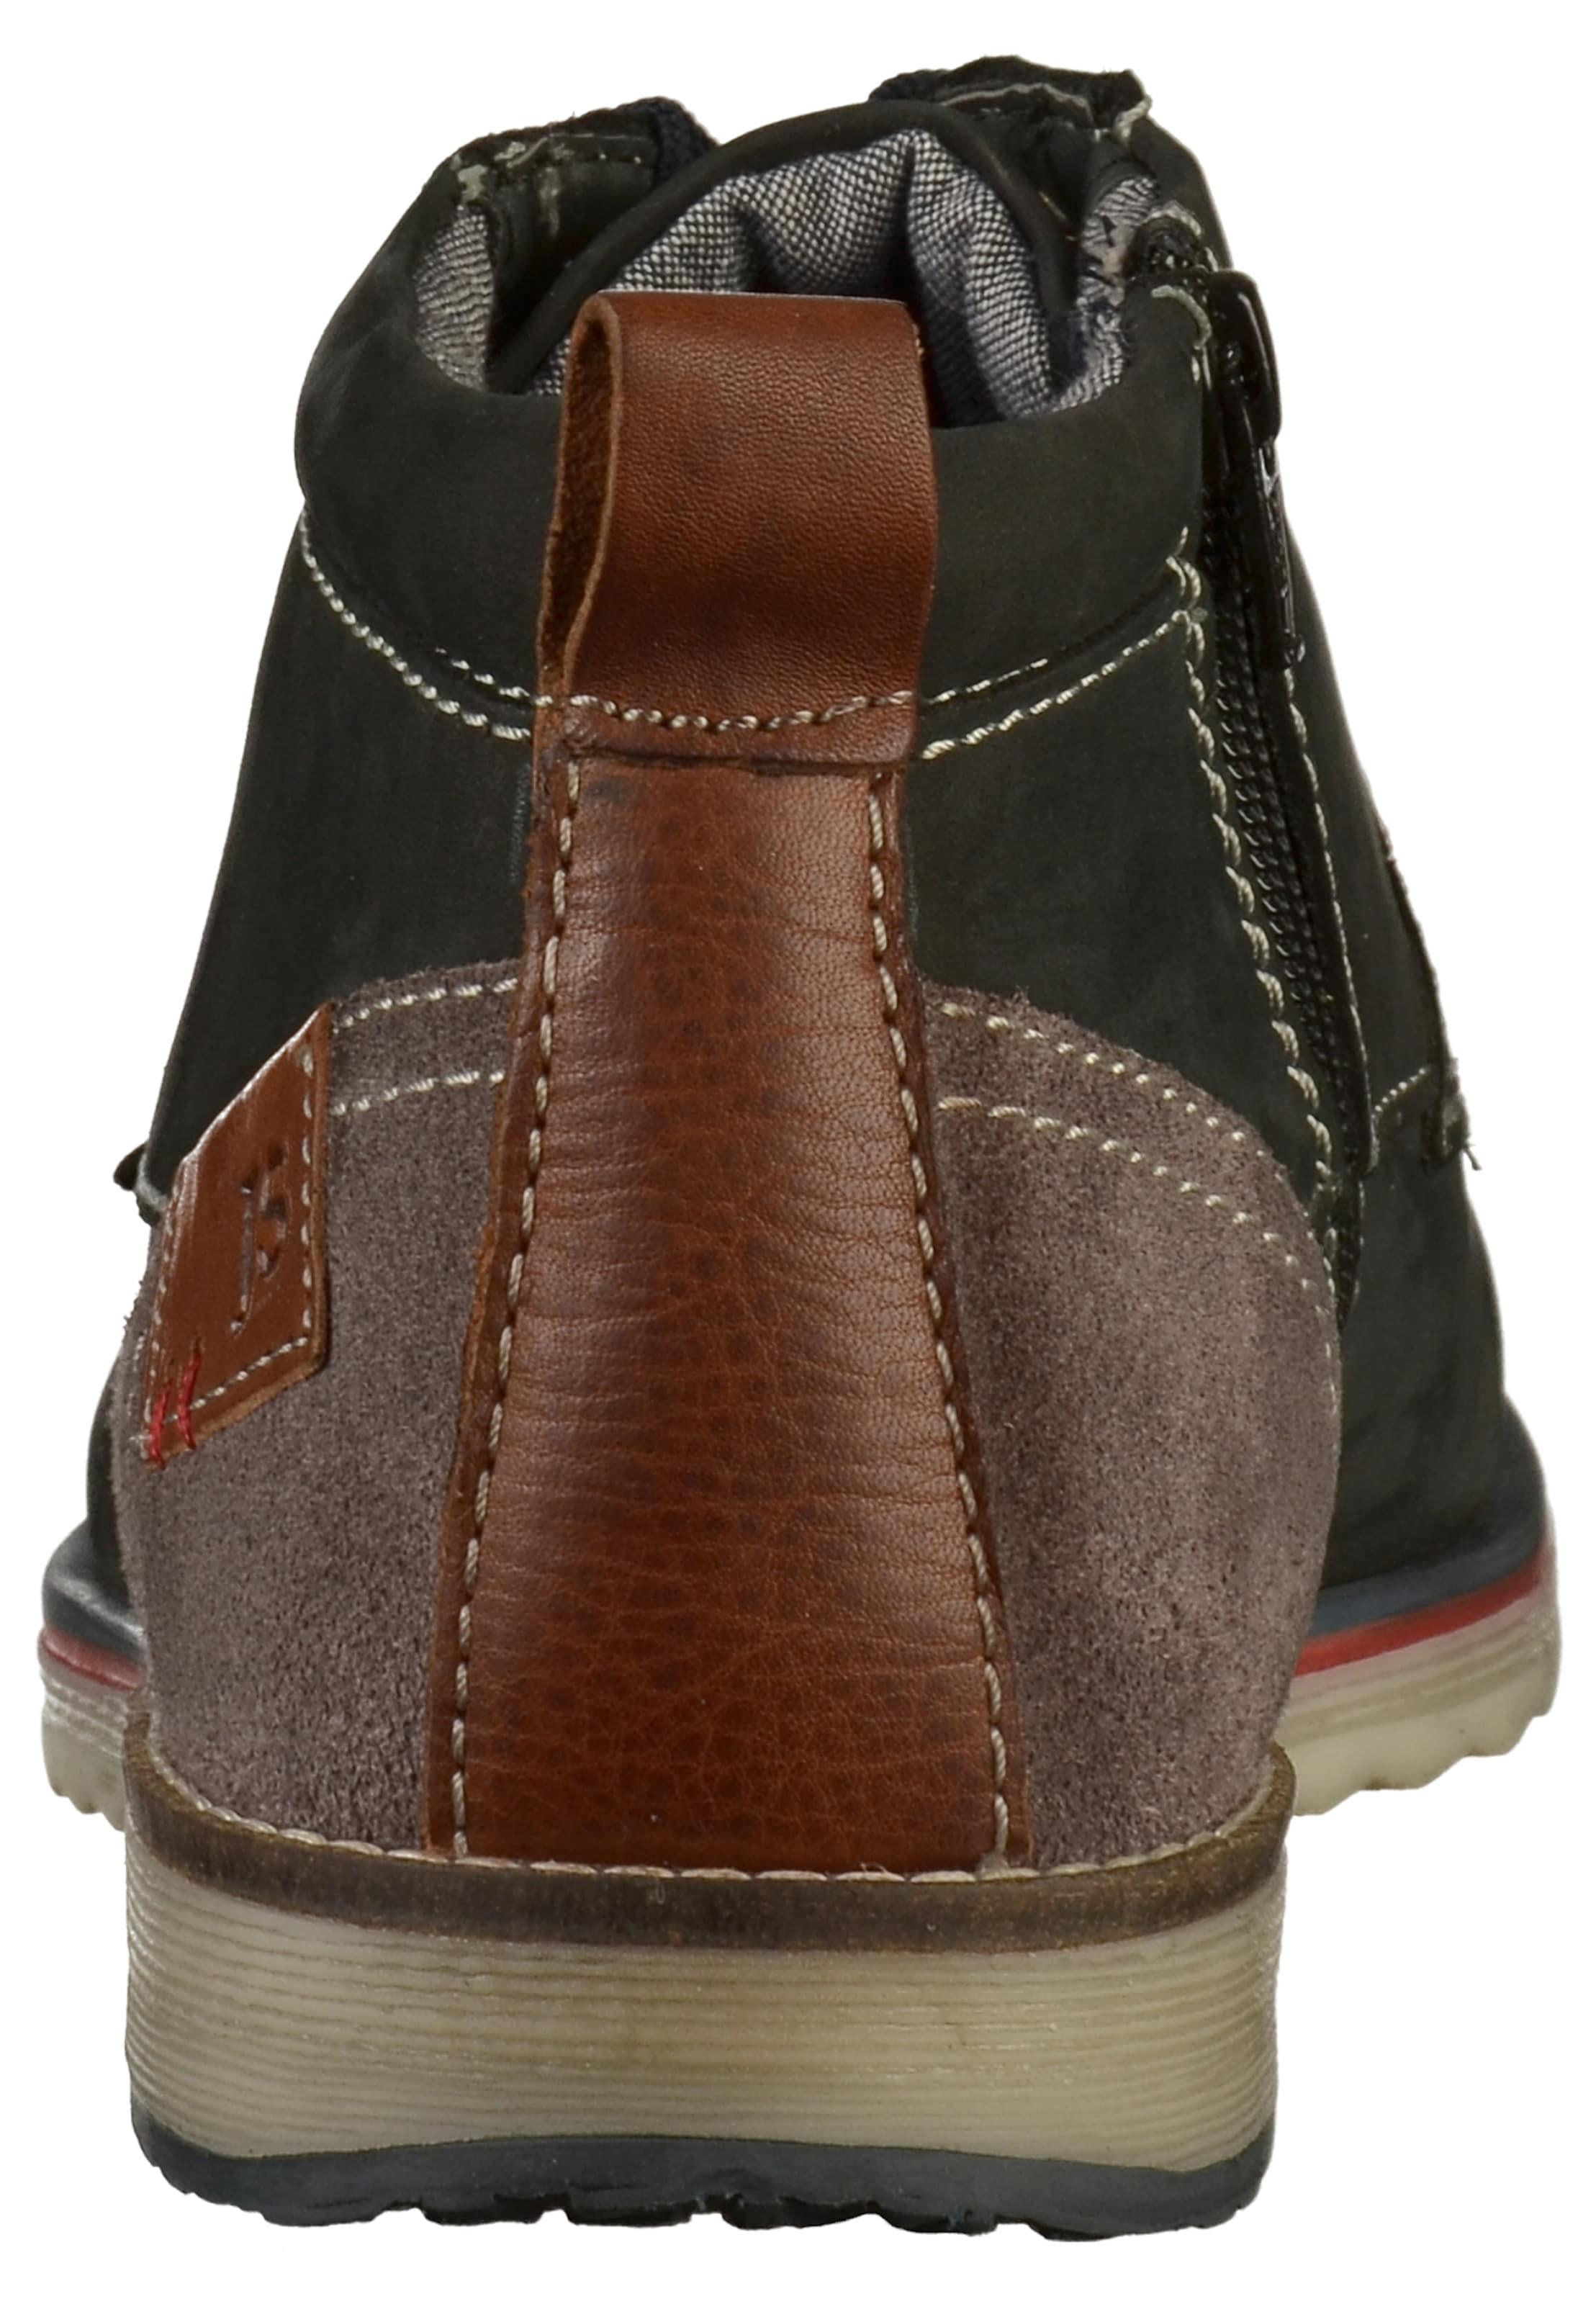 JOSEF SEIBEL Schuhe Leder Verkaufen Verkaufen Verkaufen Sie saisonale Aktionen 9c3a0d